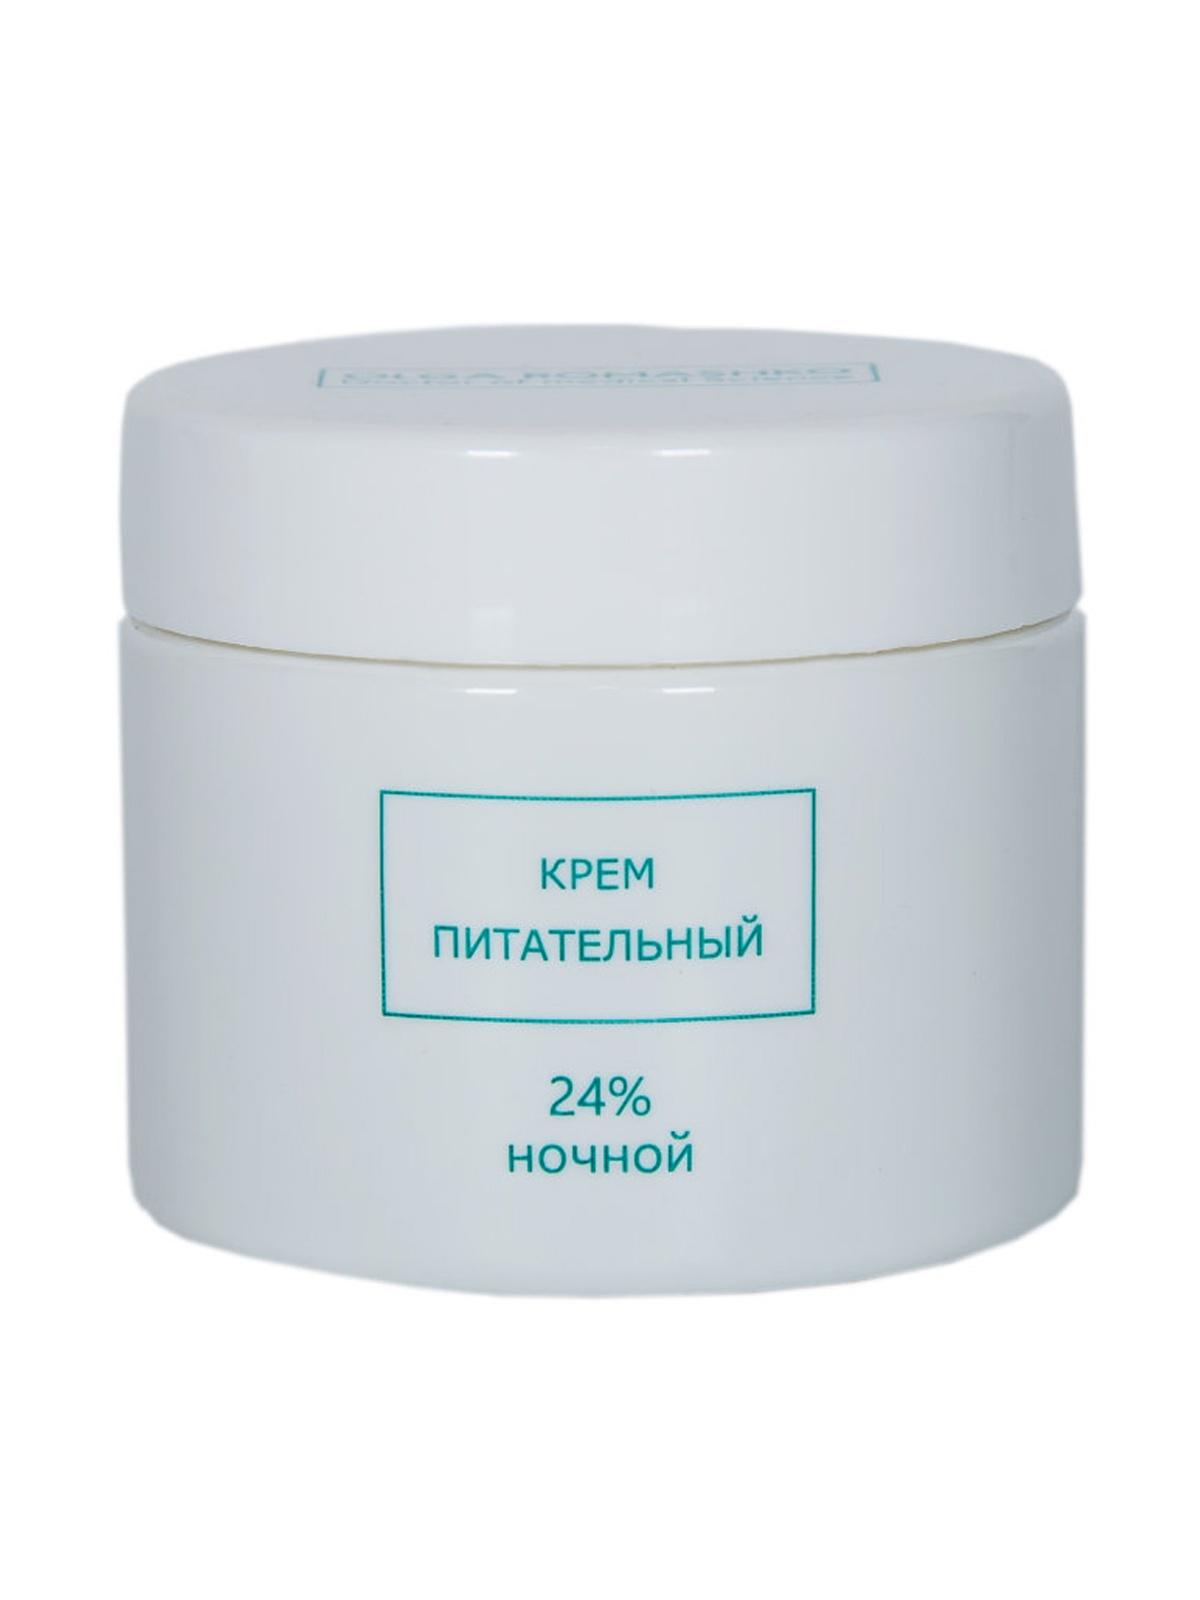 Крем питательный 24% Использовать на ночь. Метионин совместно с Vit.E и Zn обезвреживает...